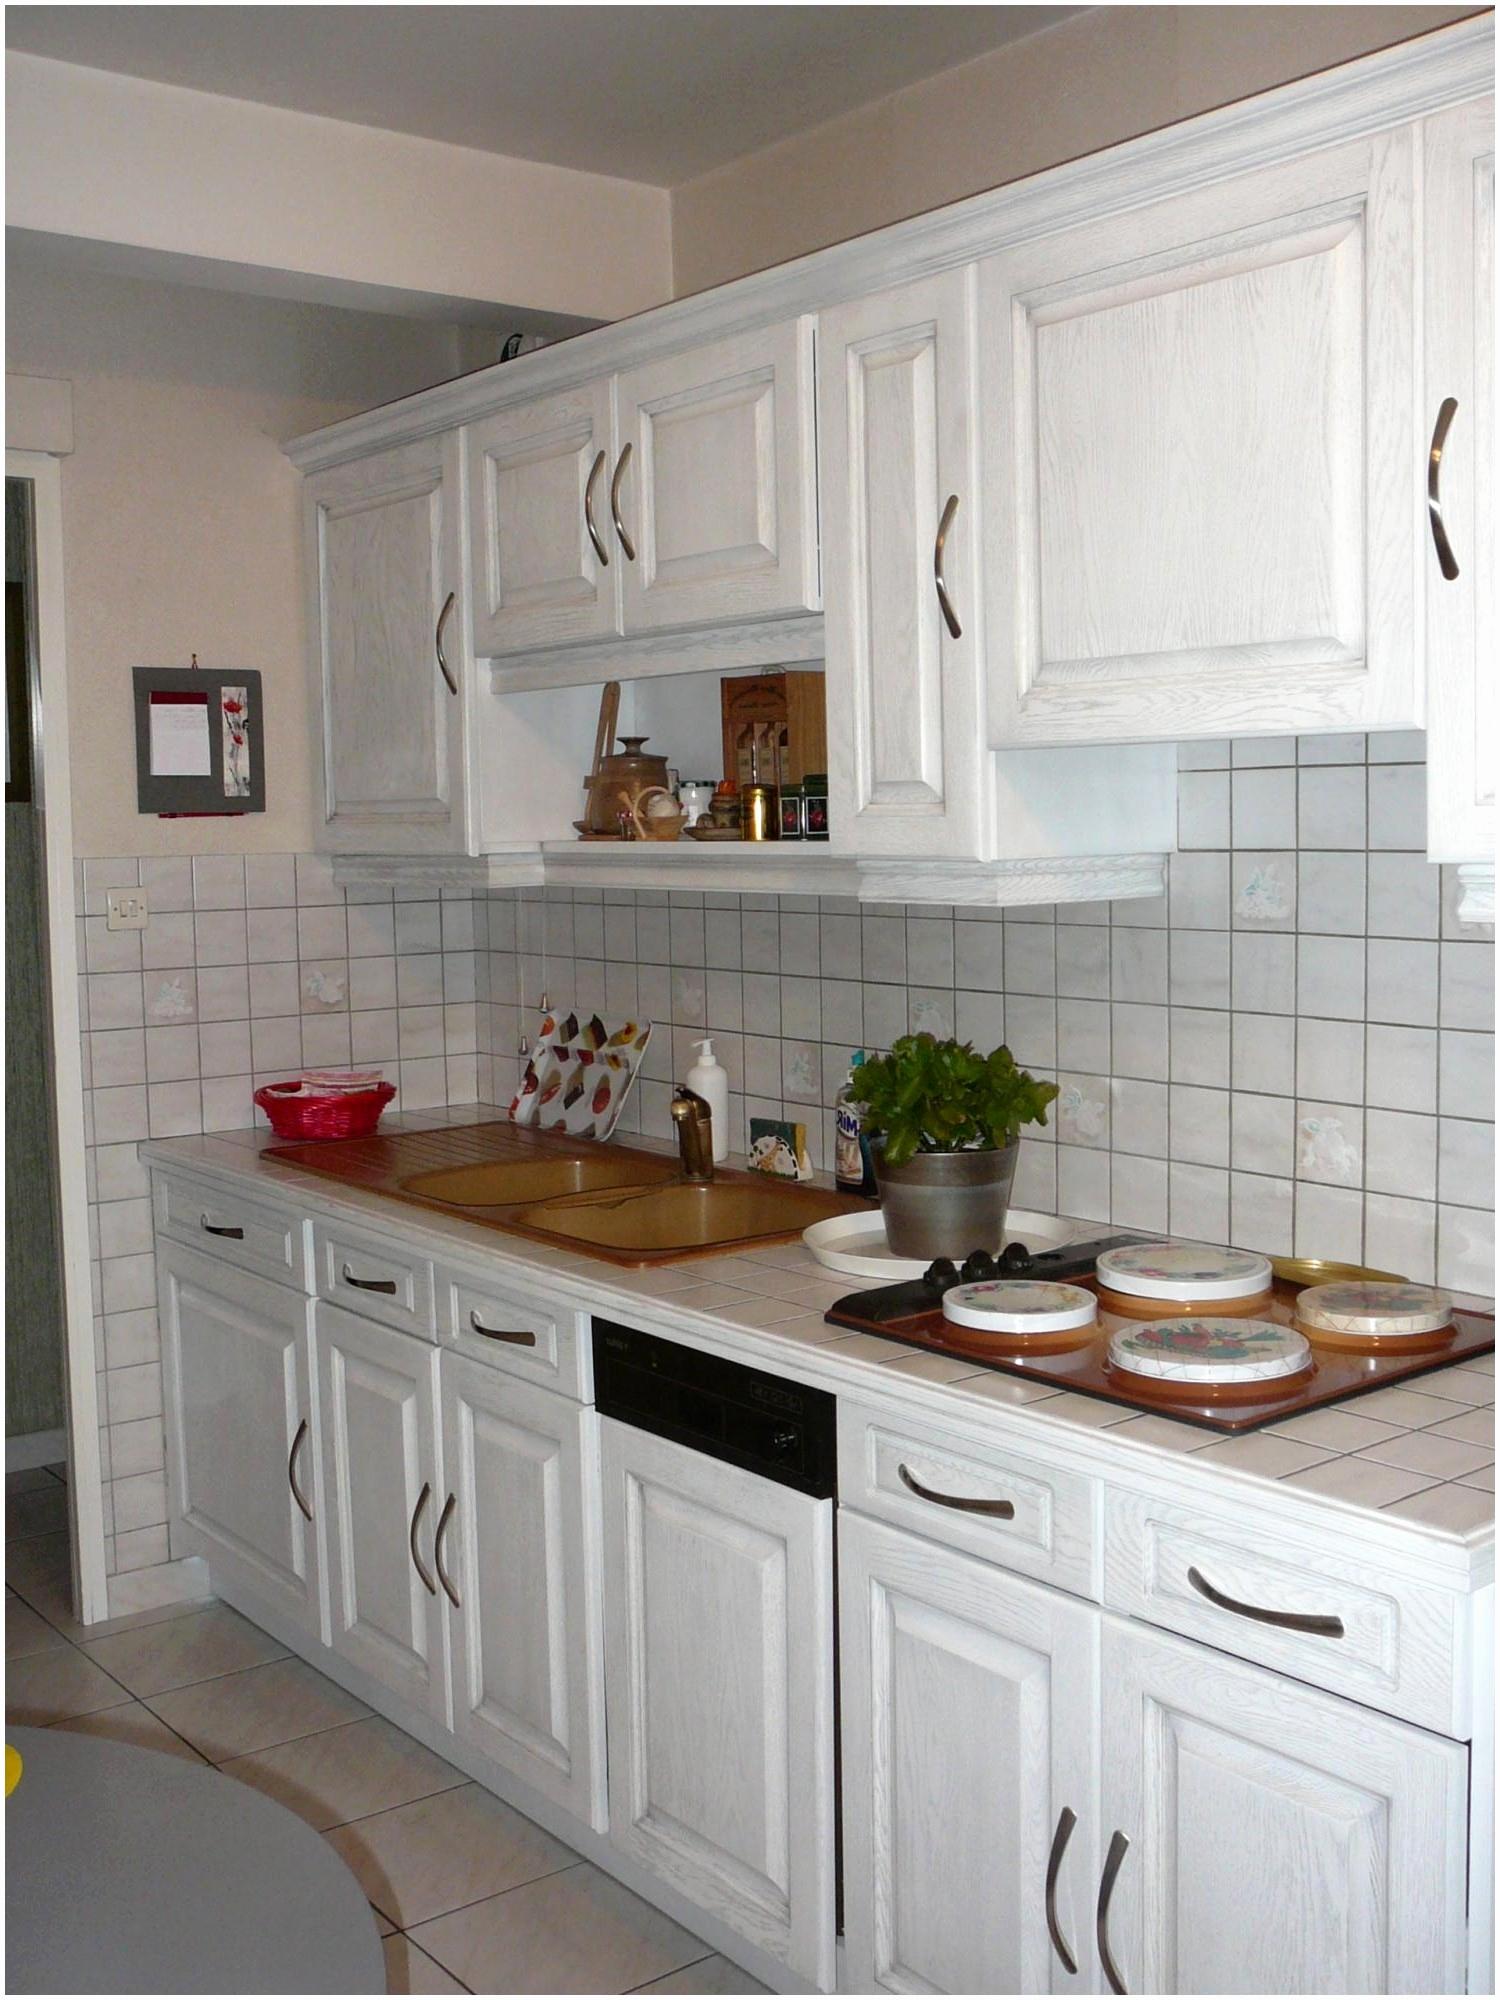 Moderniser Cuisine Rustique Beau Collection Relooker Cuisine En Chene Frais 30génial Renovation Meuble De